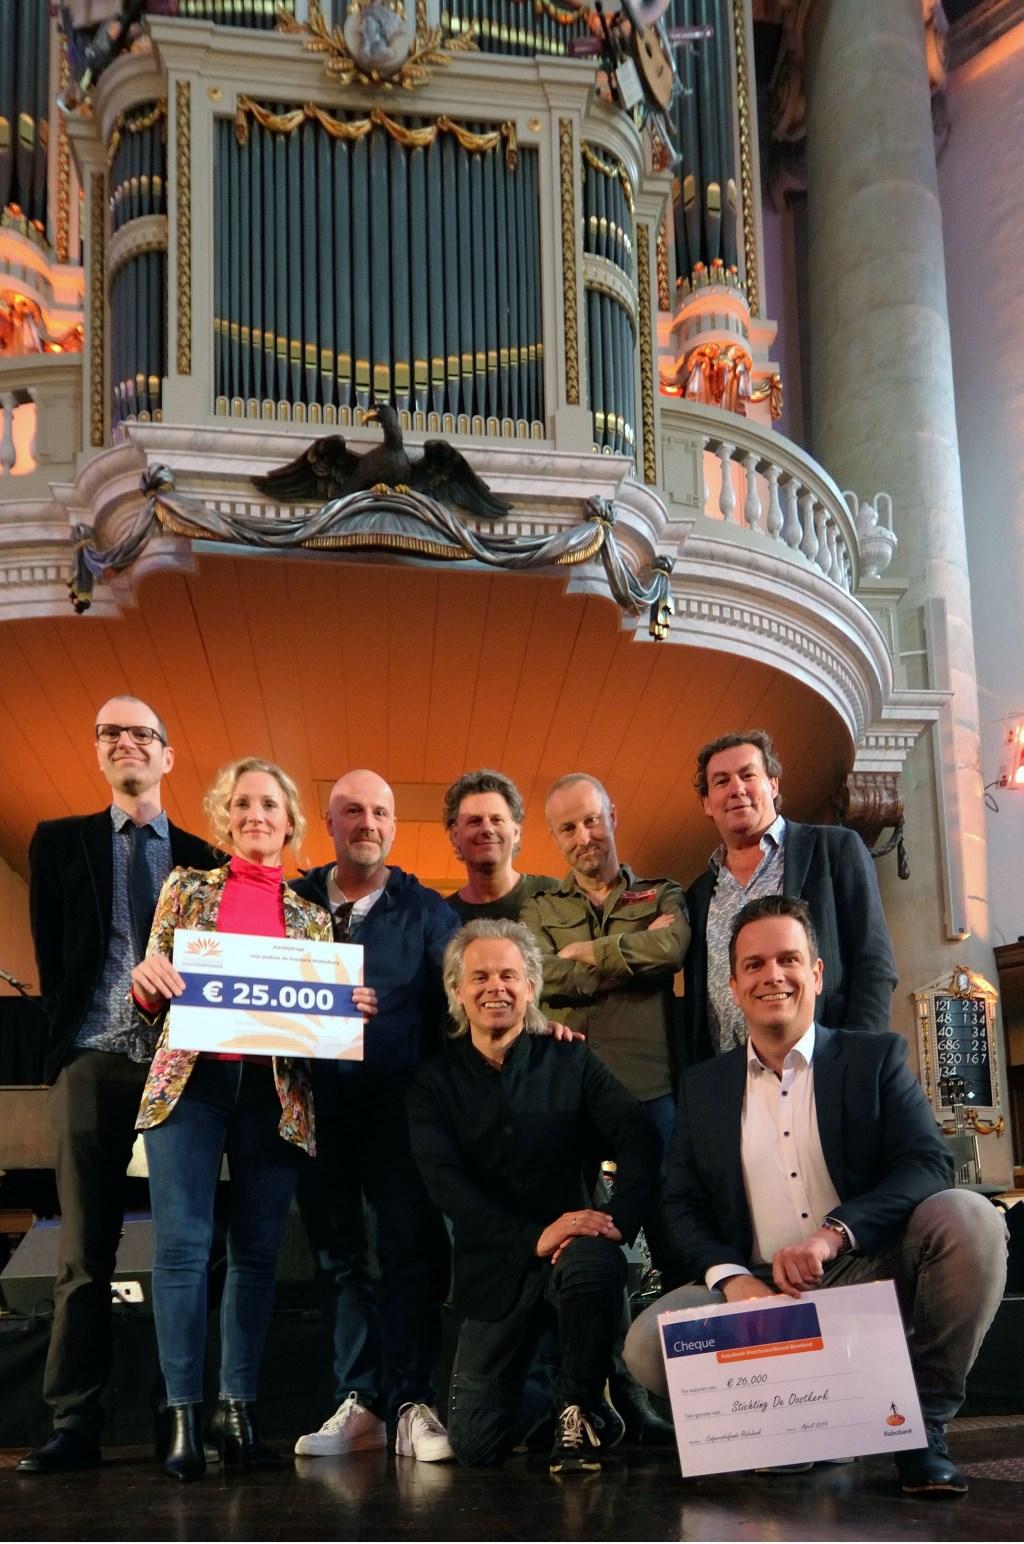 Opbrengst Benefiet Oostkerk - Mede dankzij Bløf, de Rabobank en het Prins Bernard Cultuurfonds.